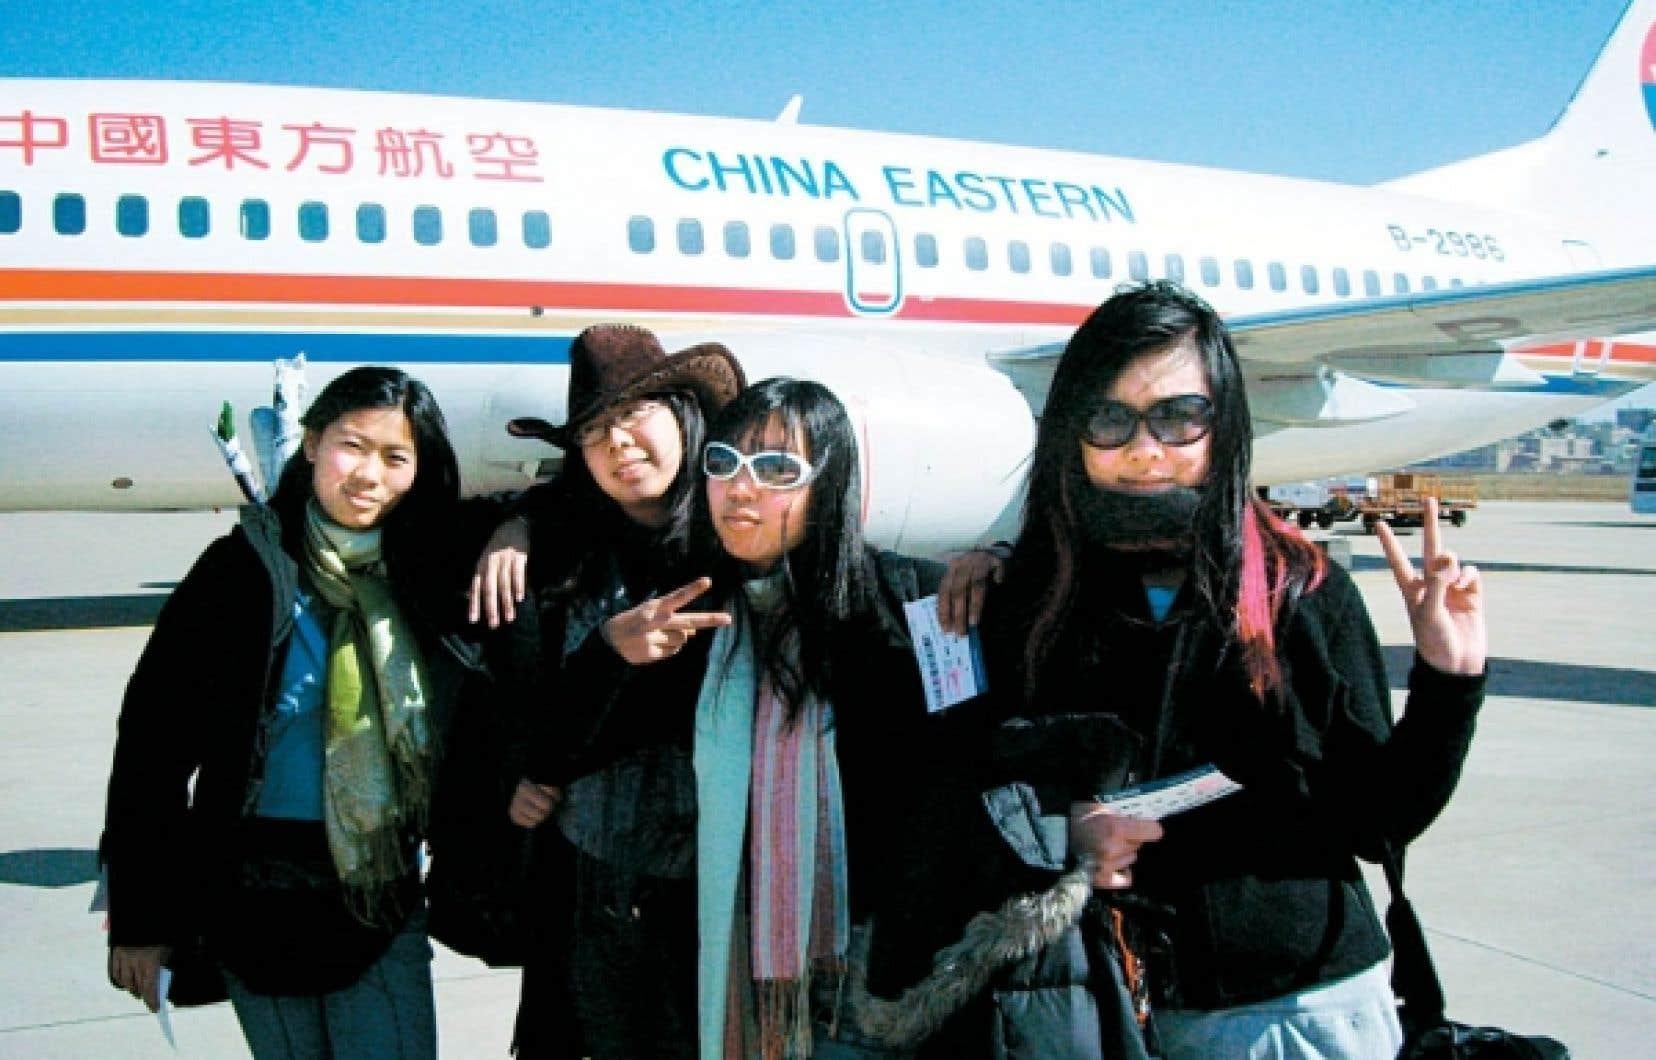 La cam&eacute;ra suit cinq adolescentes et leurs parents lors d&rsquo;un voyage en Chine, en qu&ecirc;te des origines.<br />